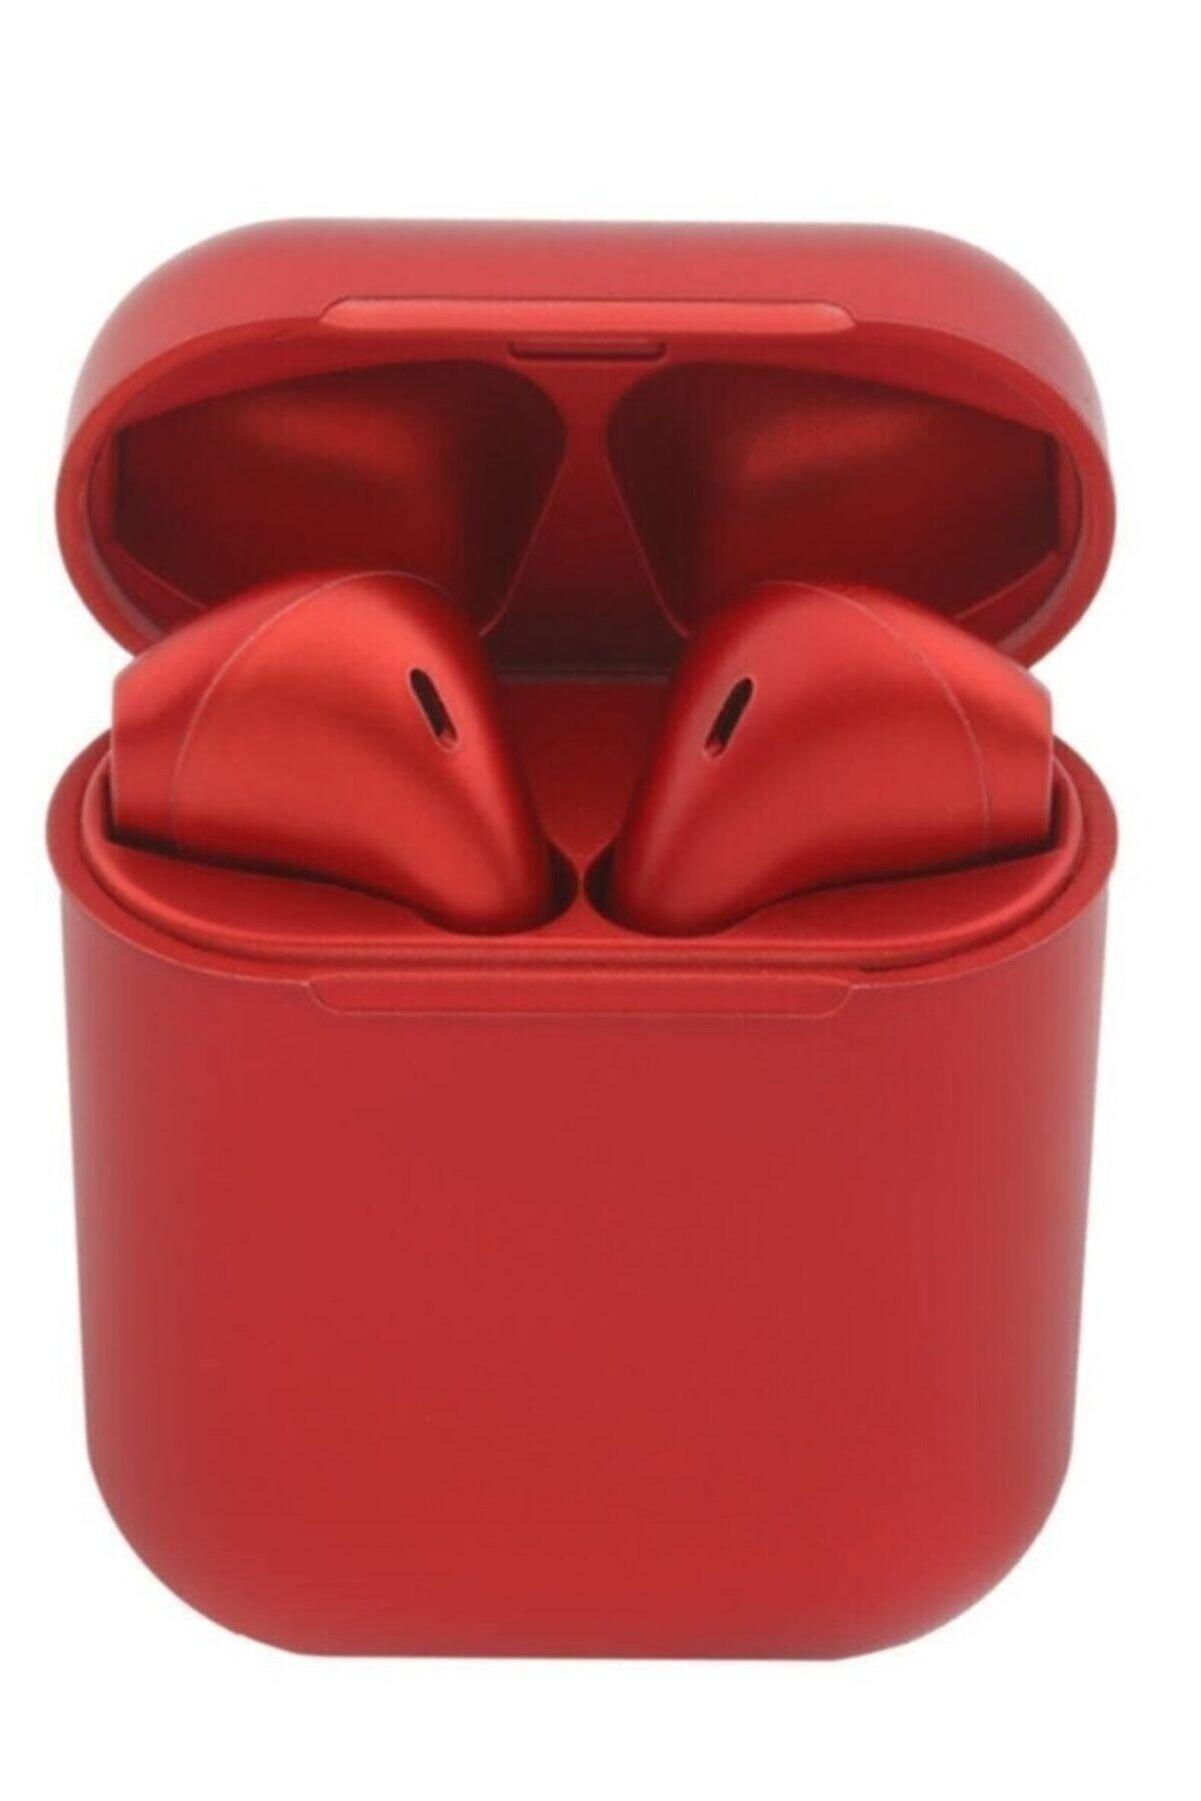 Tws I12 Kırmızı Iphone Android Universal Bluetooth Kulaklık HD Ses Kalitesi 0945347310220